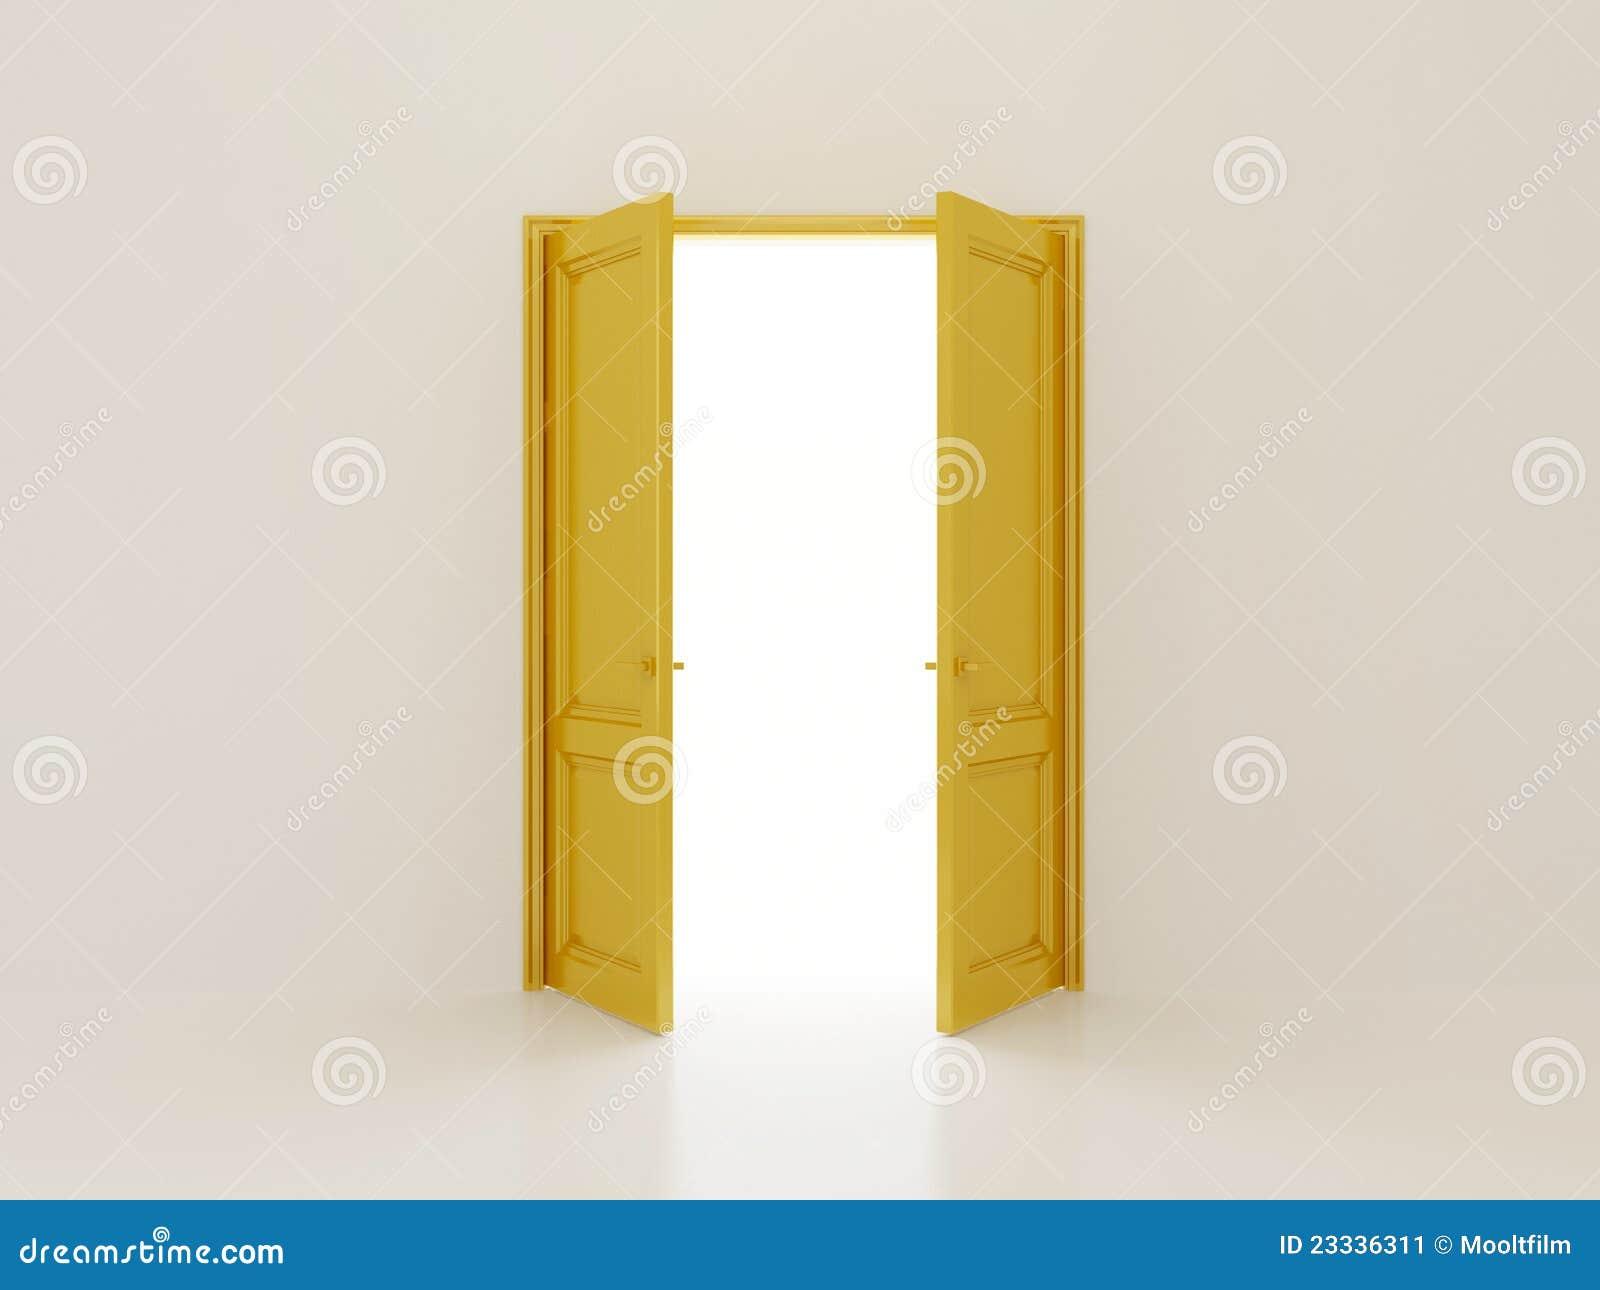 background golden ... & Golden Doors Stock Image - Image: 23336311 Pezcame.Com